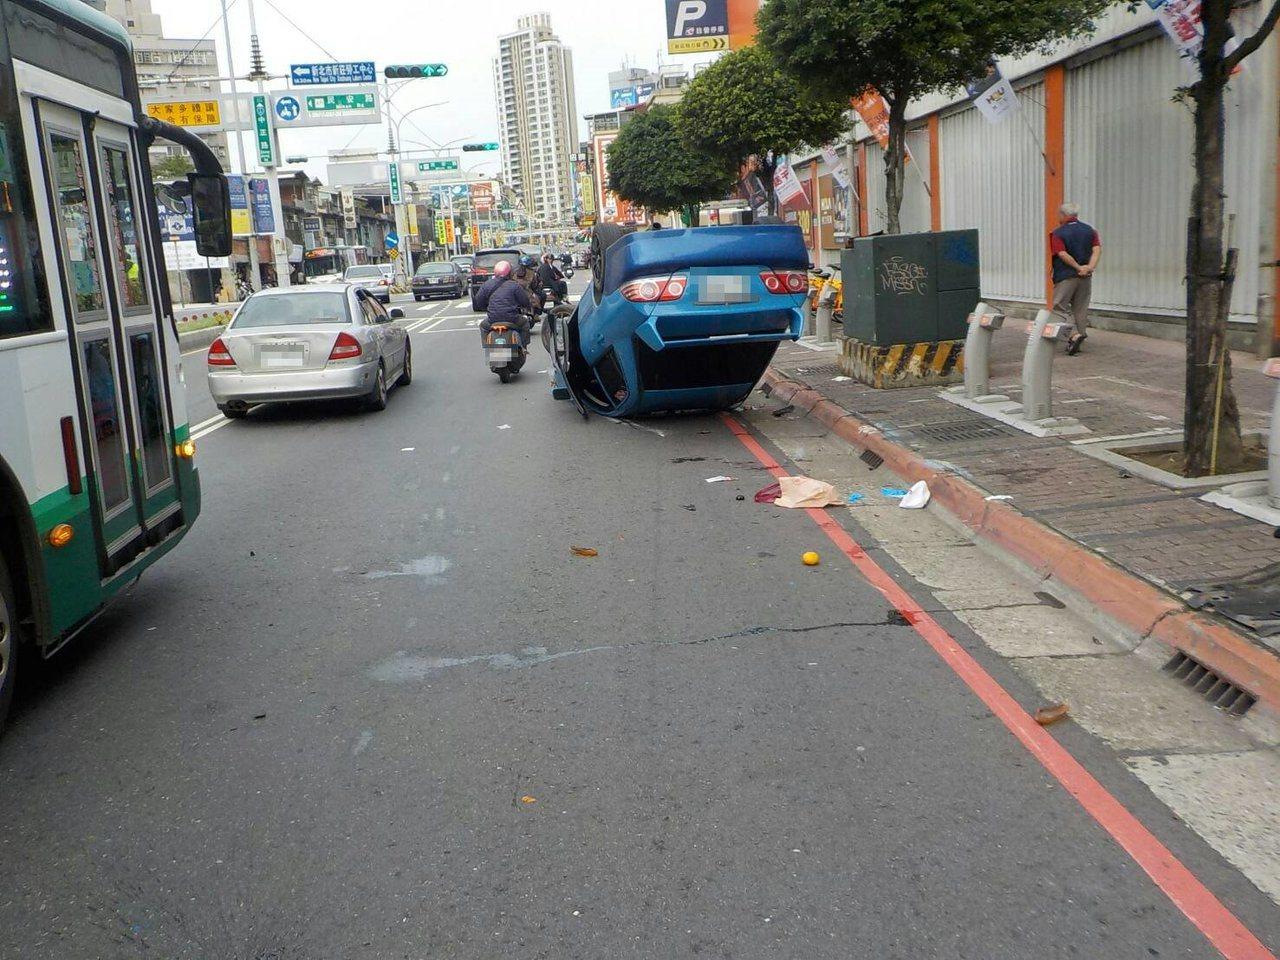 駕駛失控追撞機車還有路旁自行車,轎車當場四輪朝天翻了過去。記者巫鴻瑋/翻攝